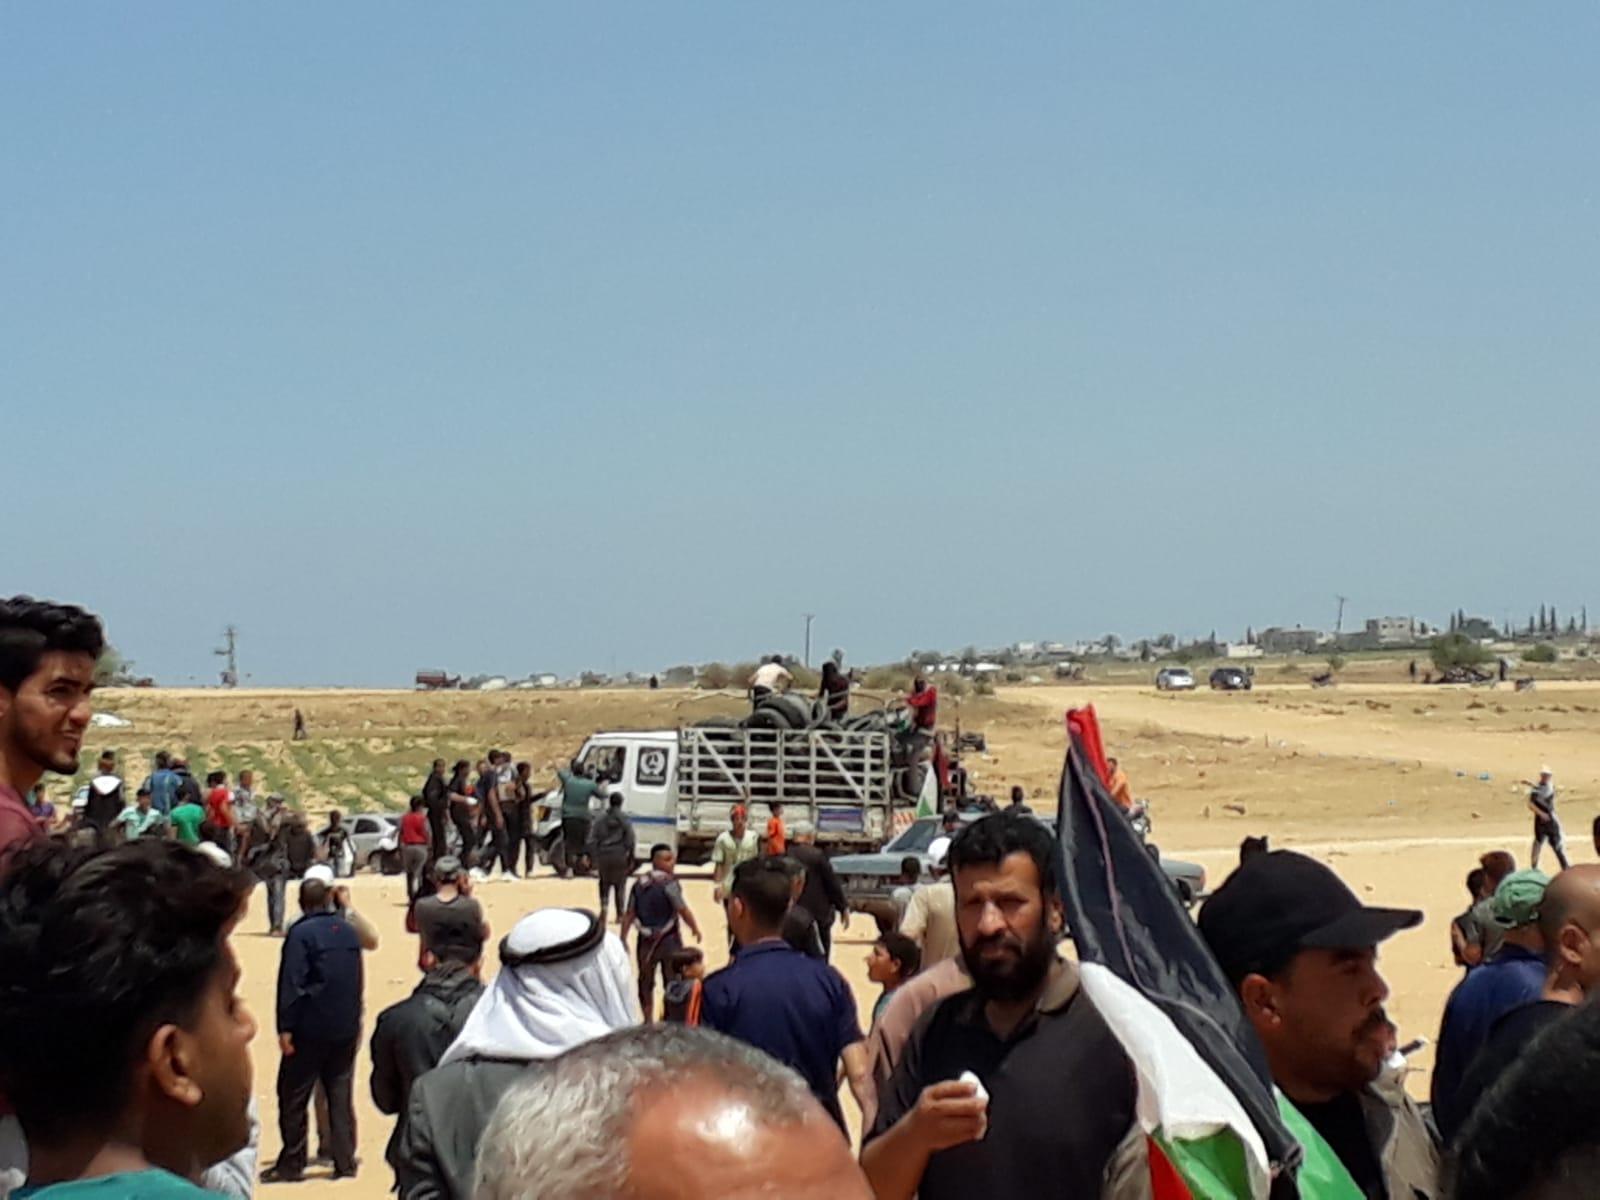 غزة: ارتفاع حصيلة الشهداء إلى أكثر من 43 ومئات الاصابات